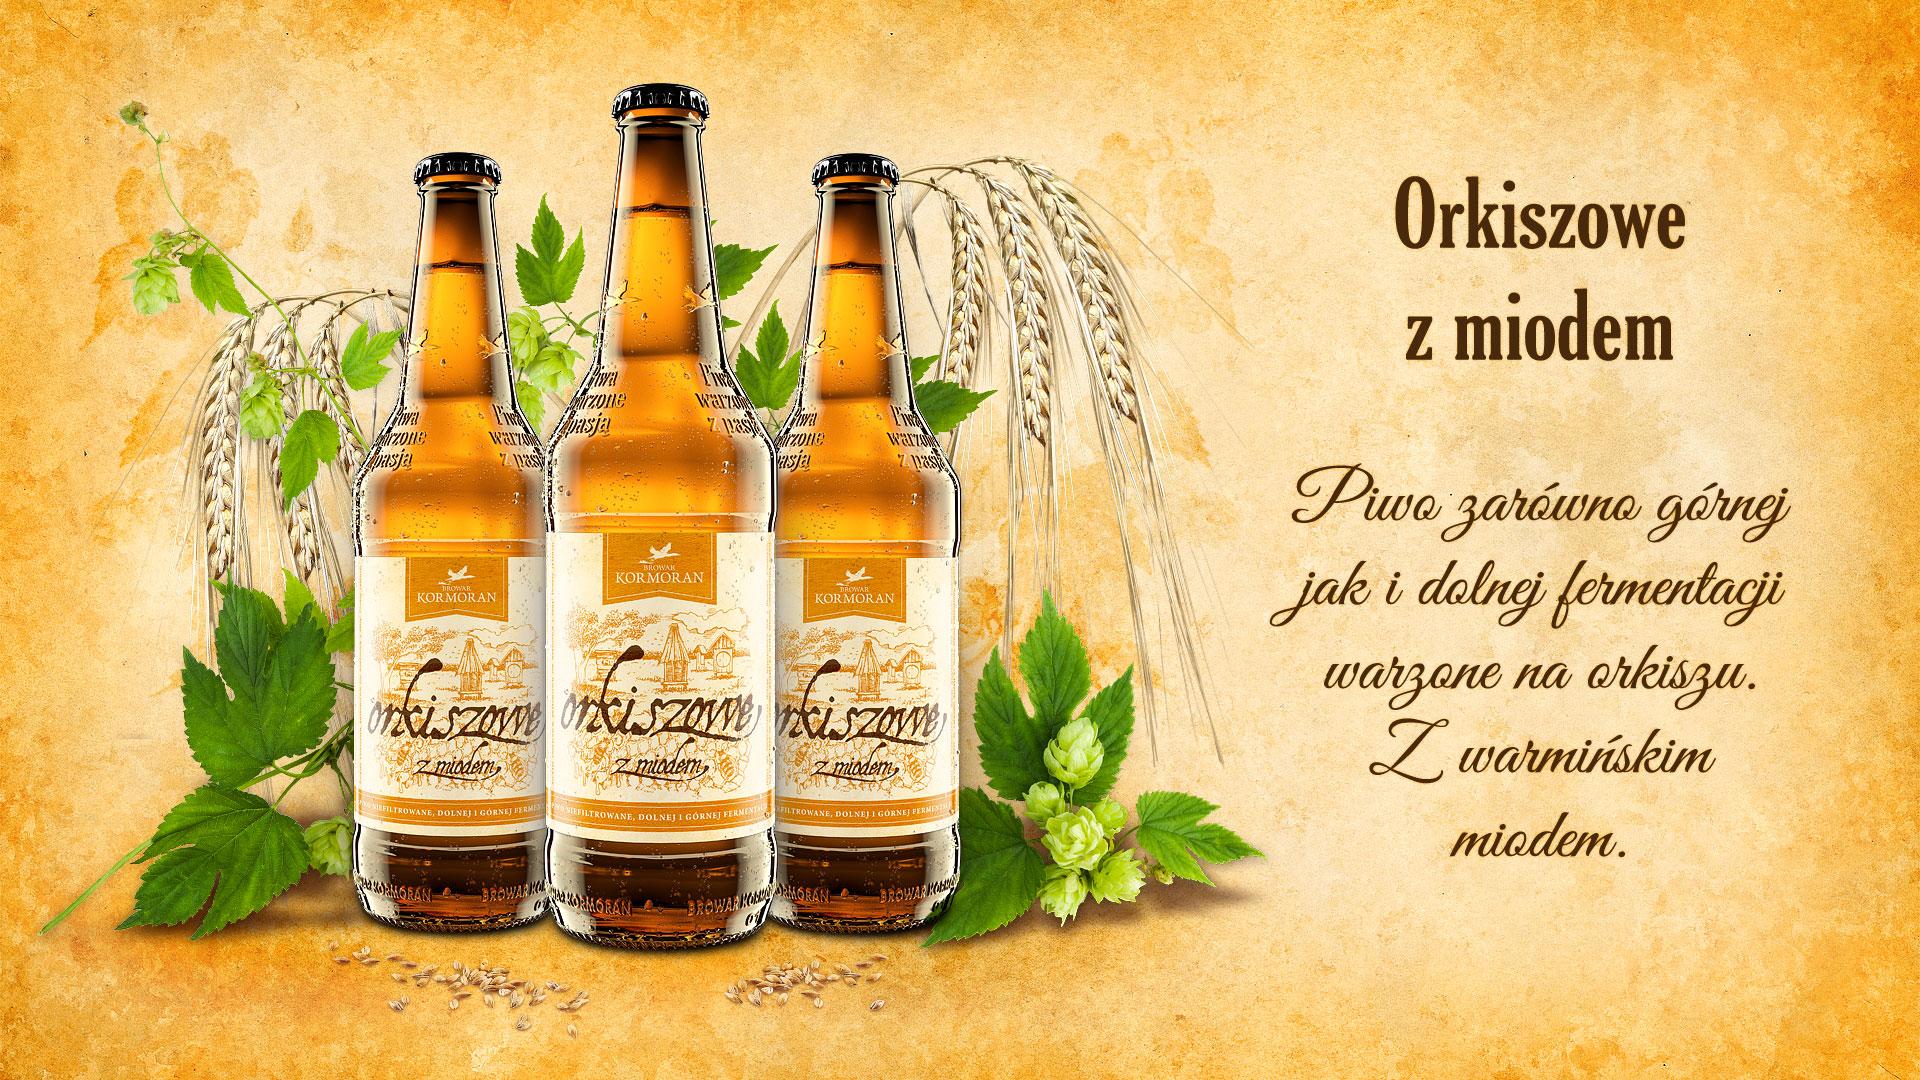 Piwo Orkiszowe z Miodem - Browar Kormoran